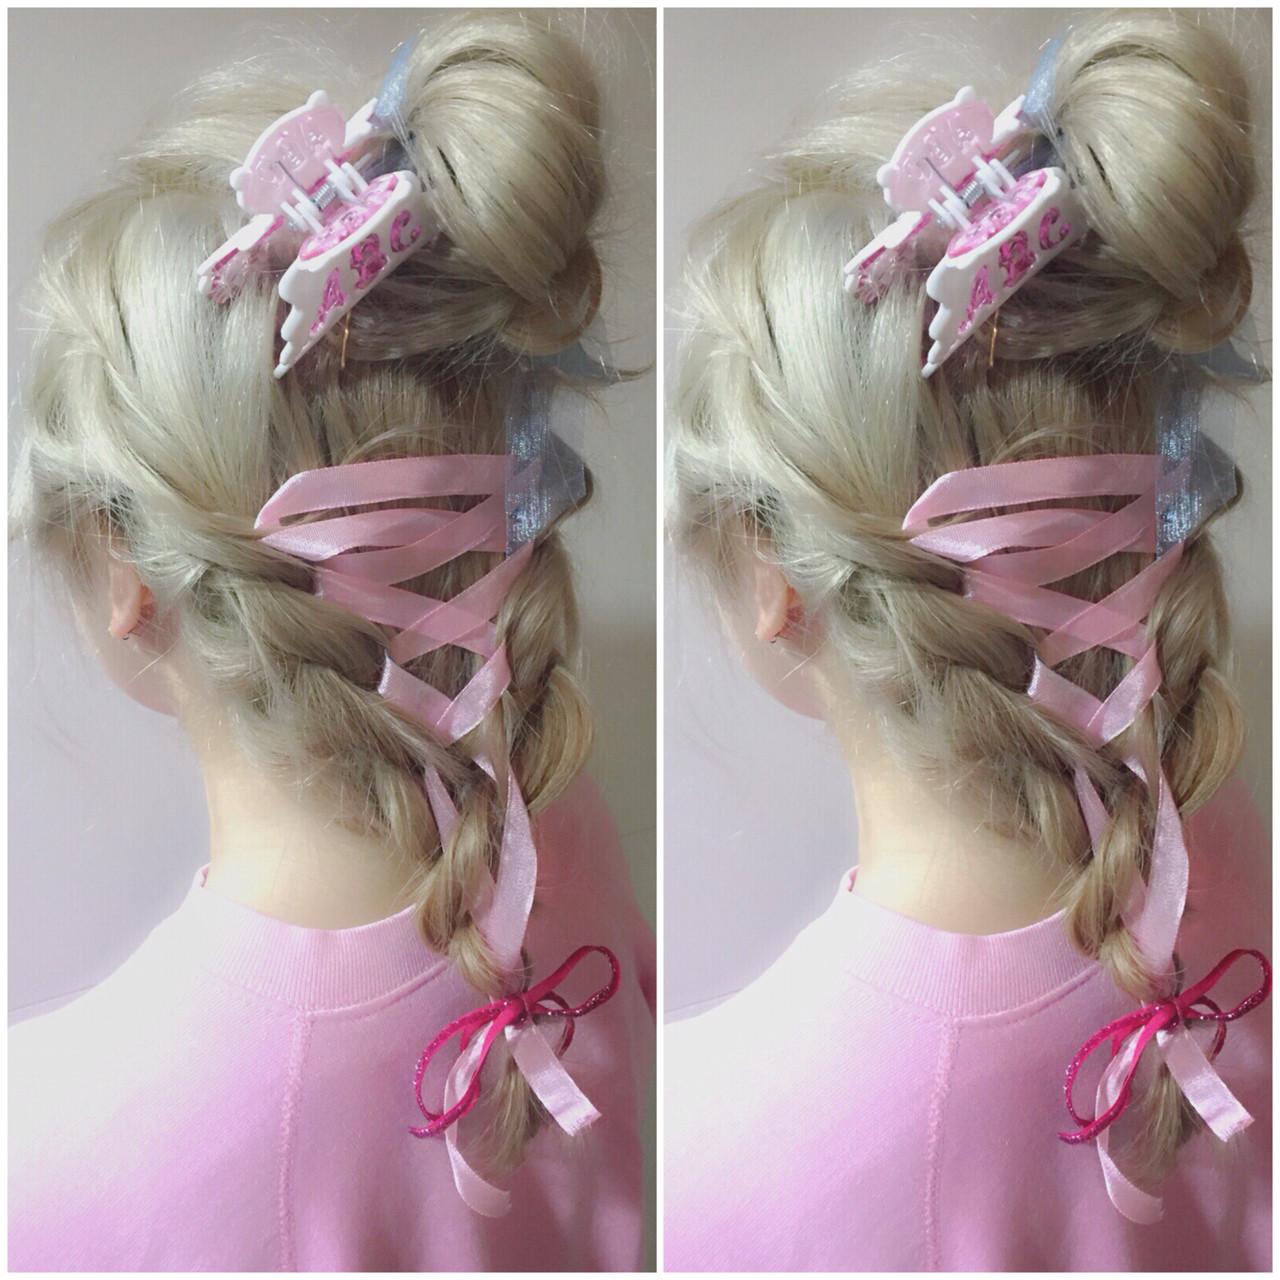 フェミニン ハーフアップ ゆるふわ 簡単ヘアアレンジ ヘアスタイルや髪型の写真・画像